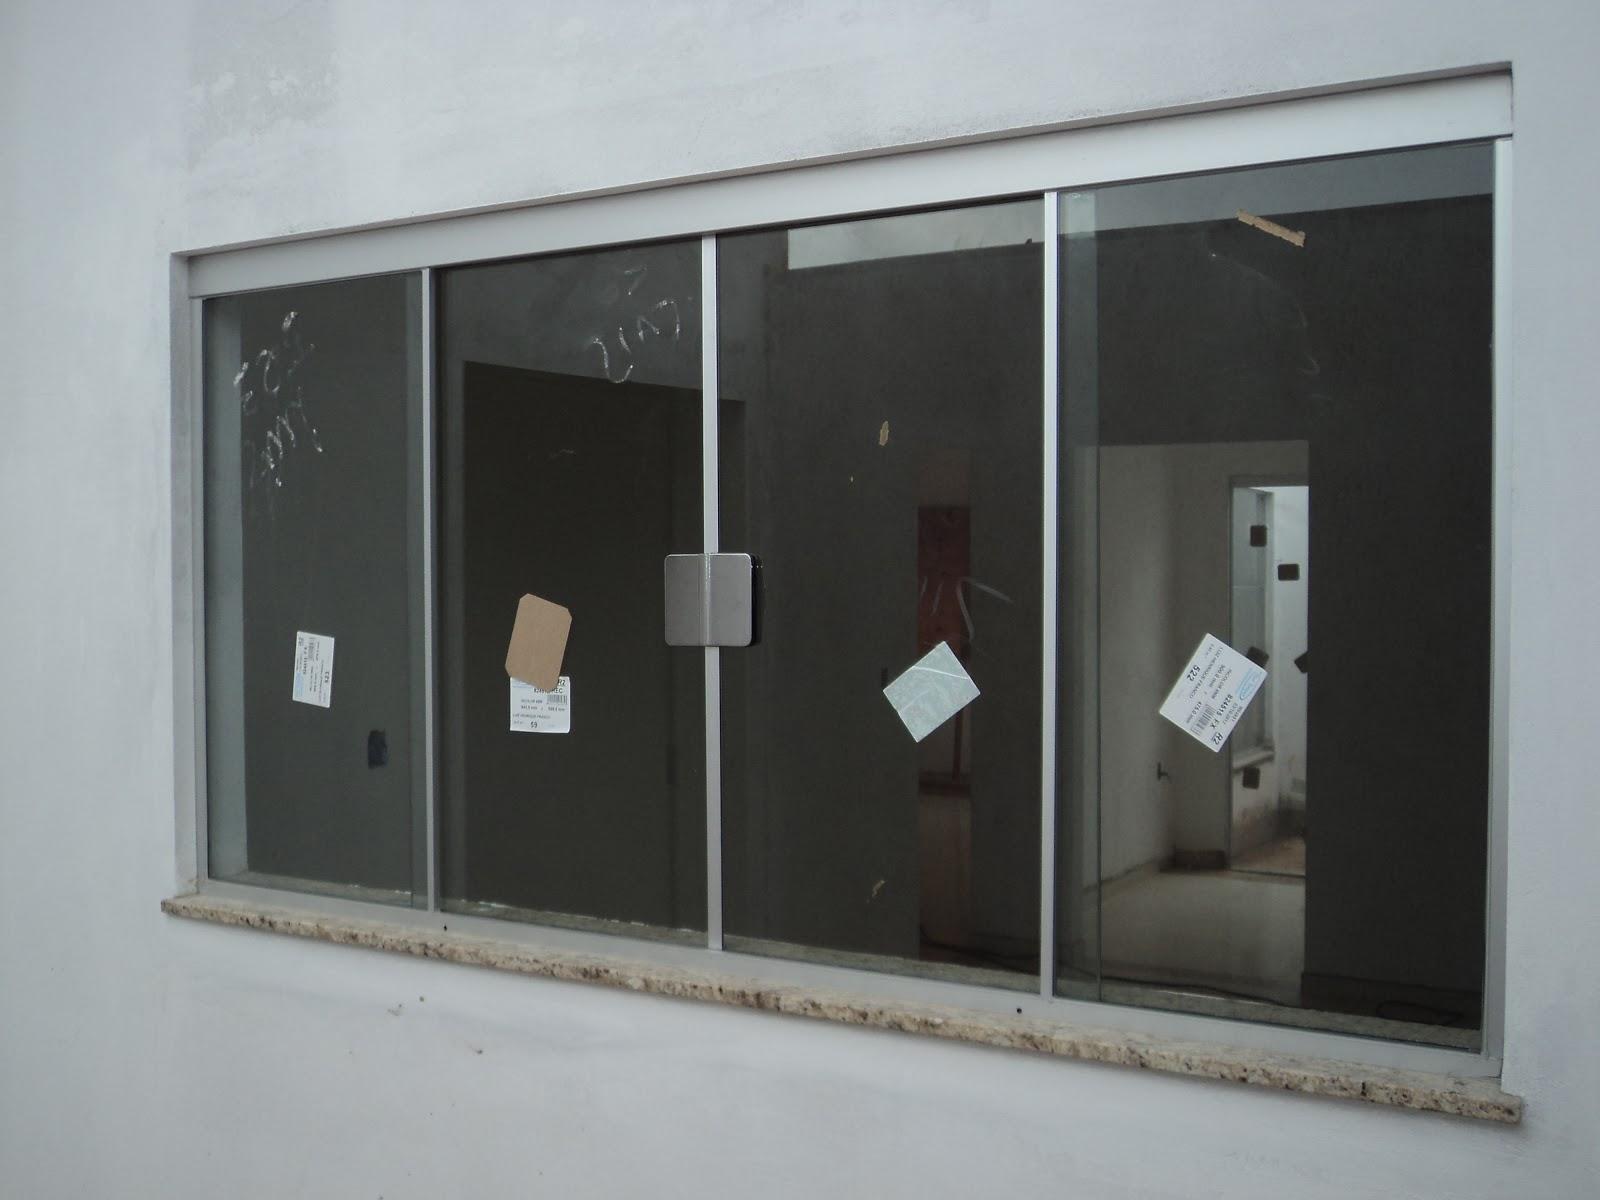 #585247 FRANCO VIDROS TEMPERADOS: Obra em Campos Novos Paulista 216 Janelas De Vidro P Quarto